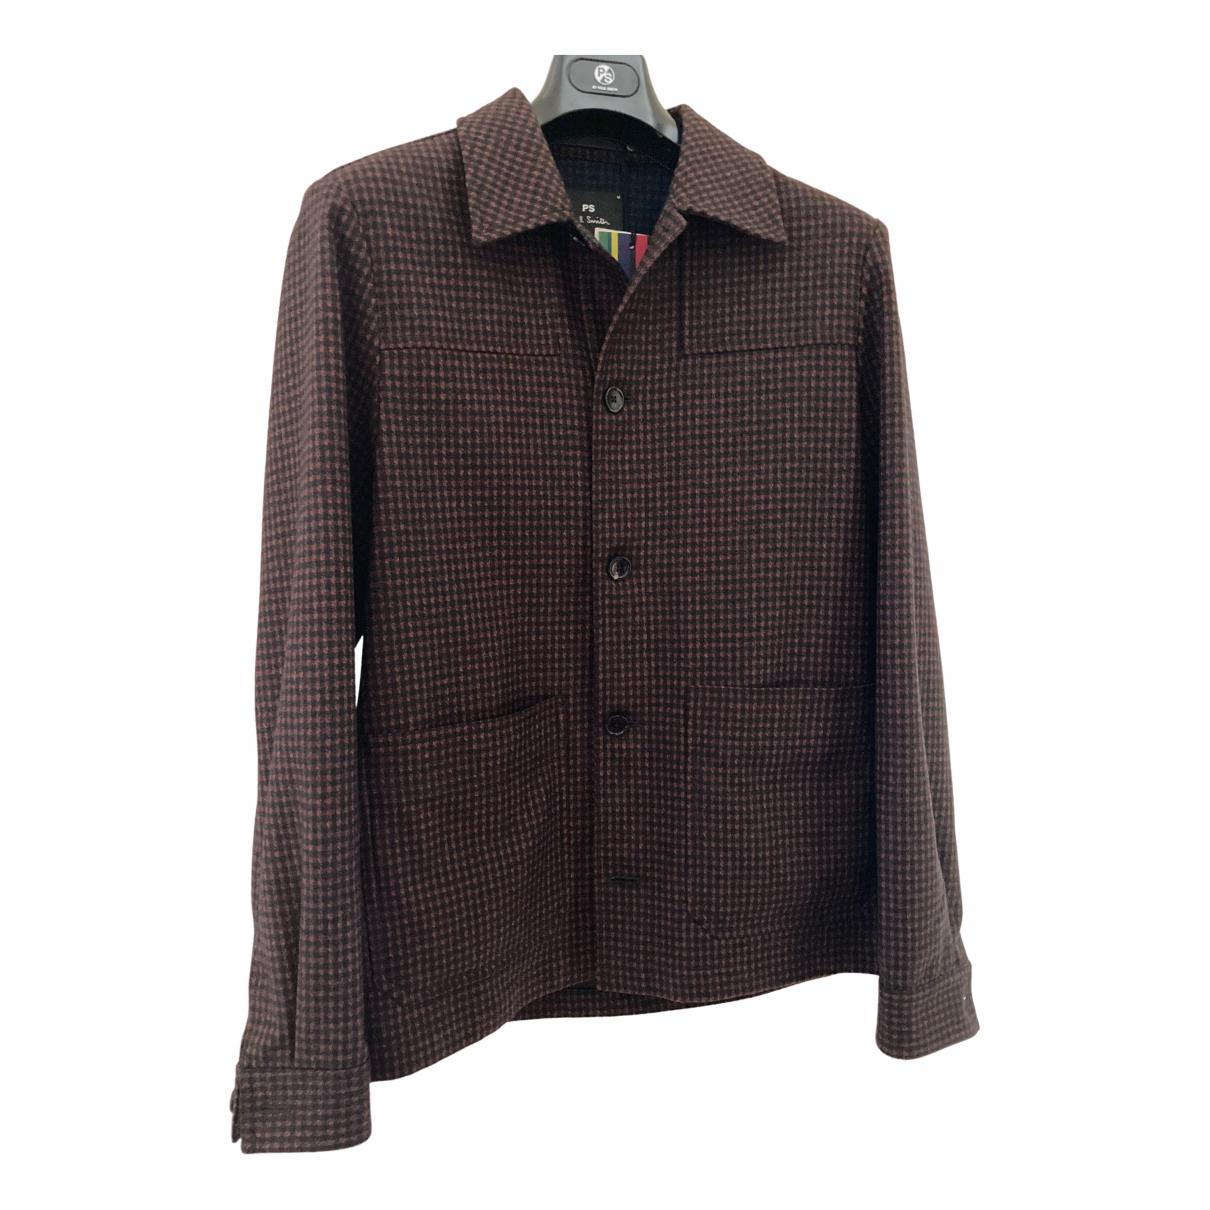 Paul Smith - Vestes.Blousons   pour homme en laine - bordeaux